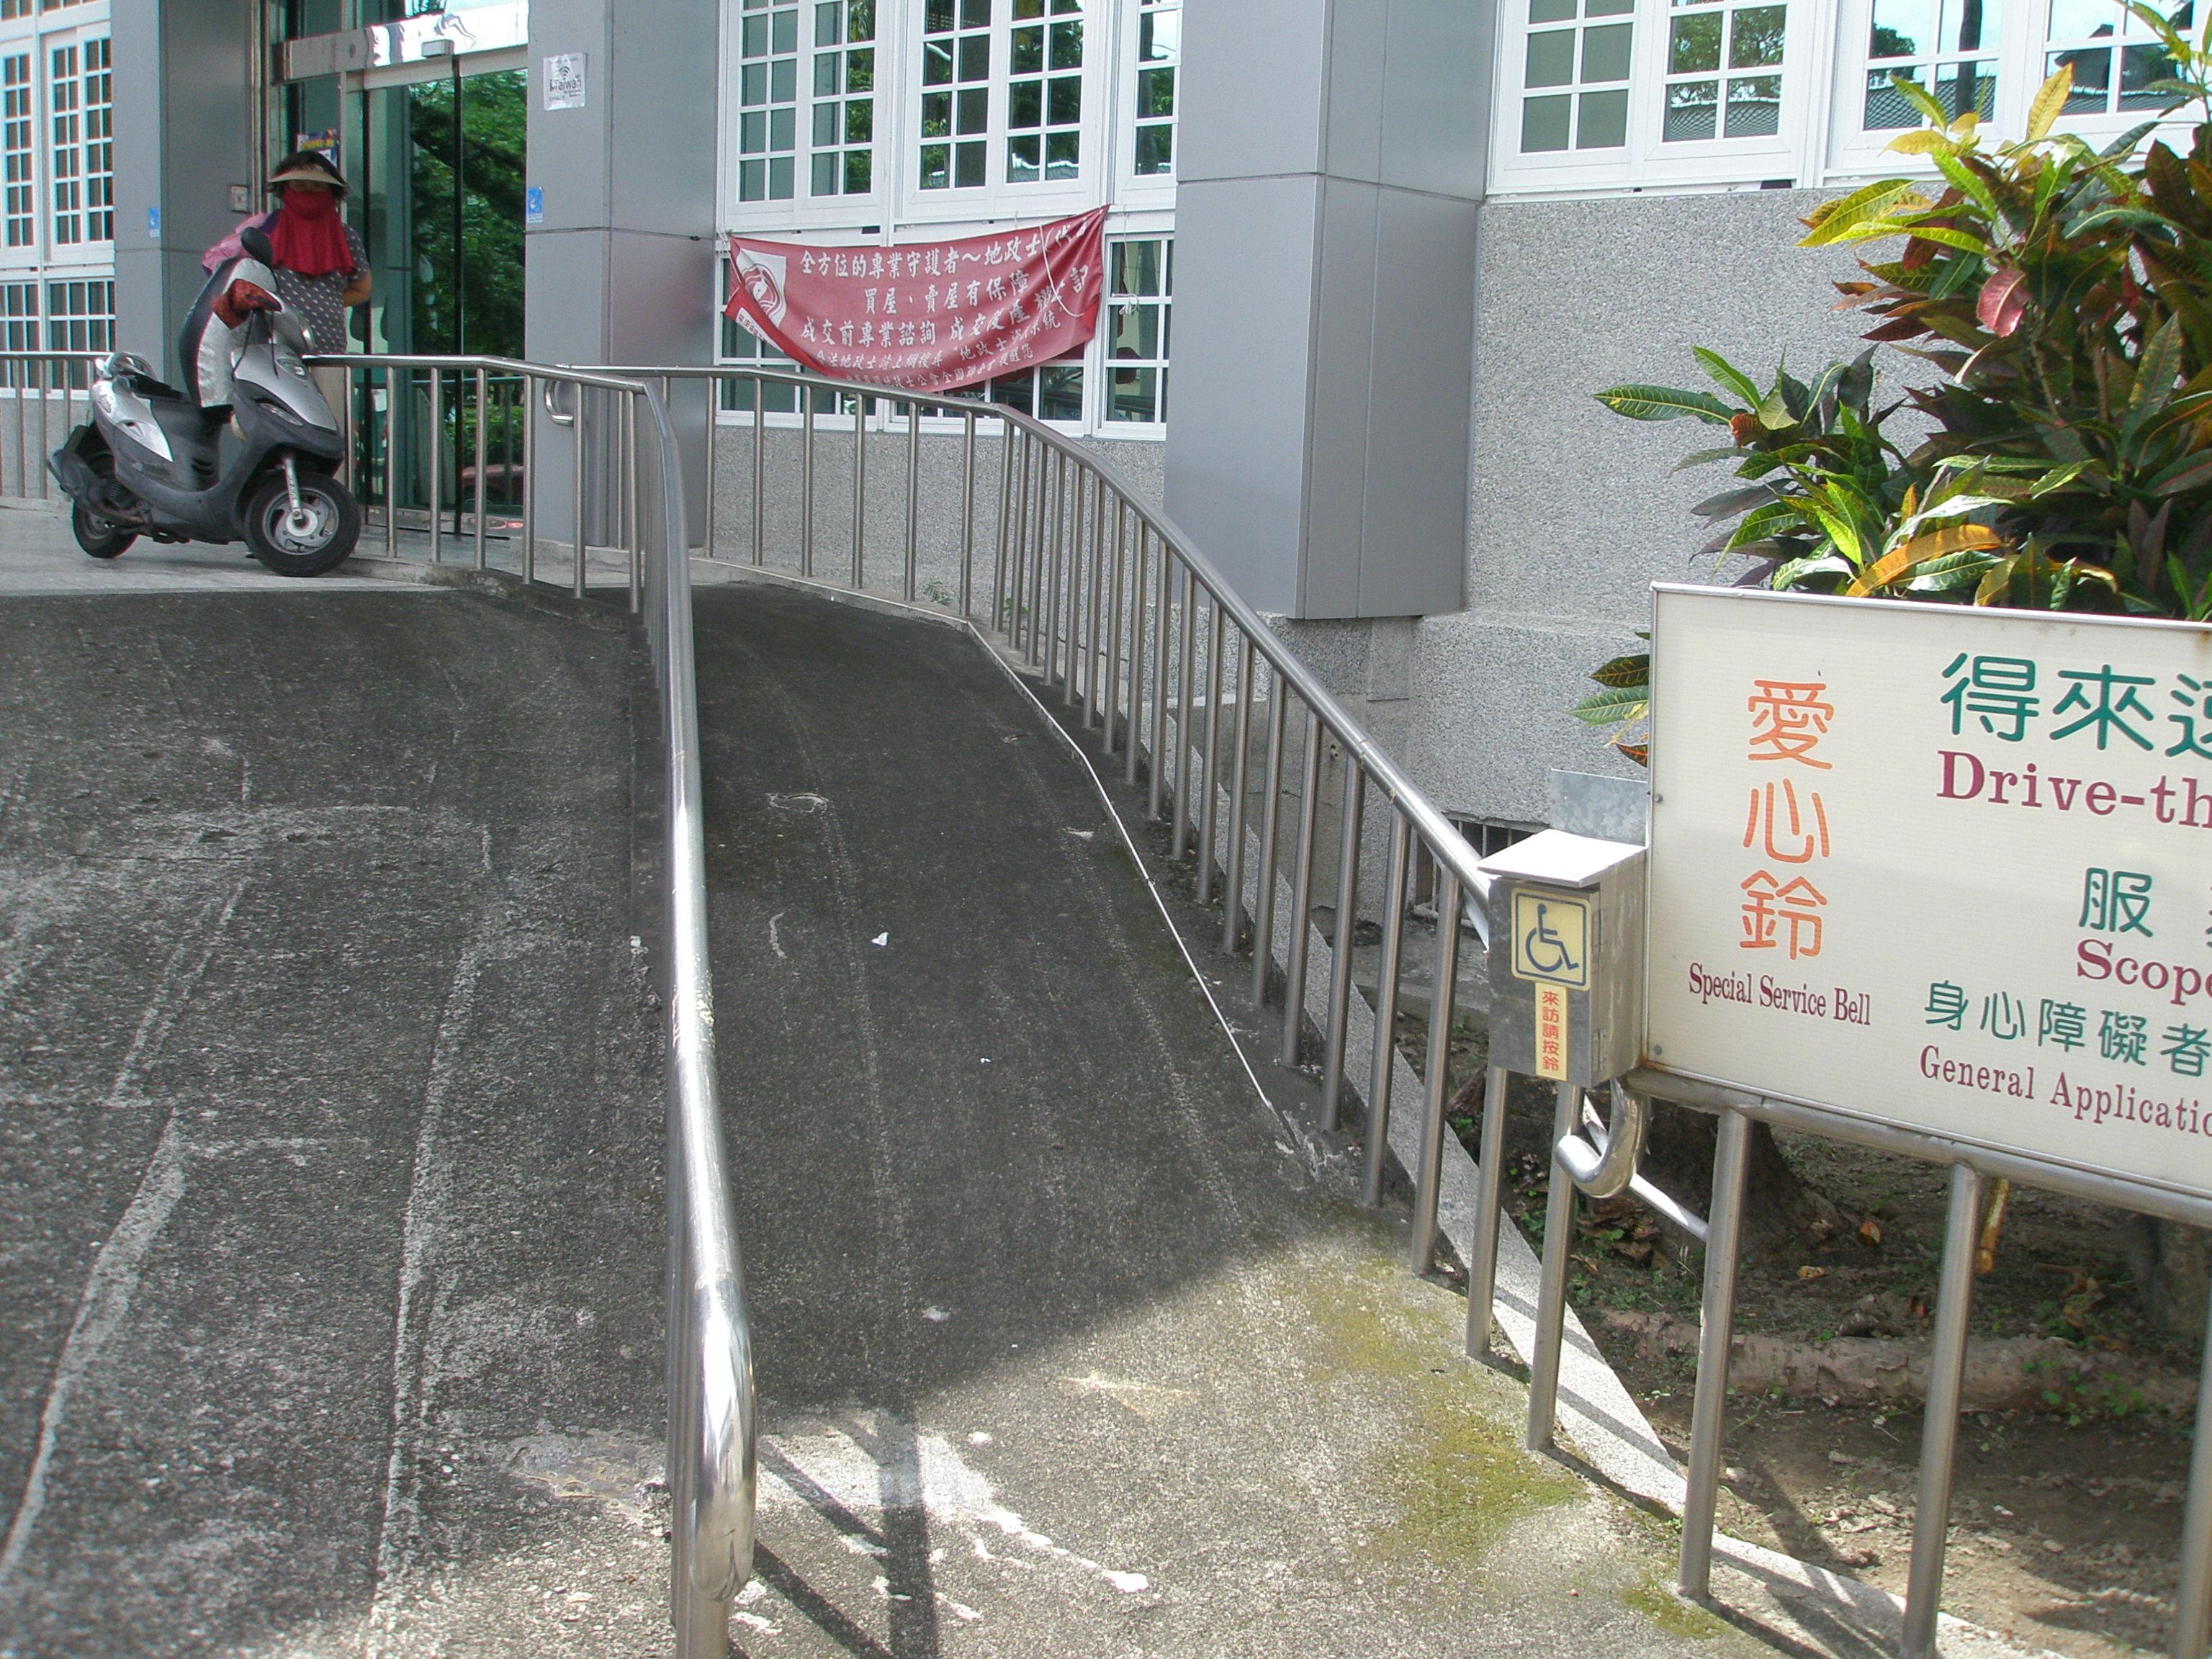 左側殘障坡道上坡